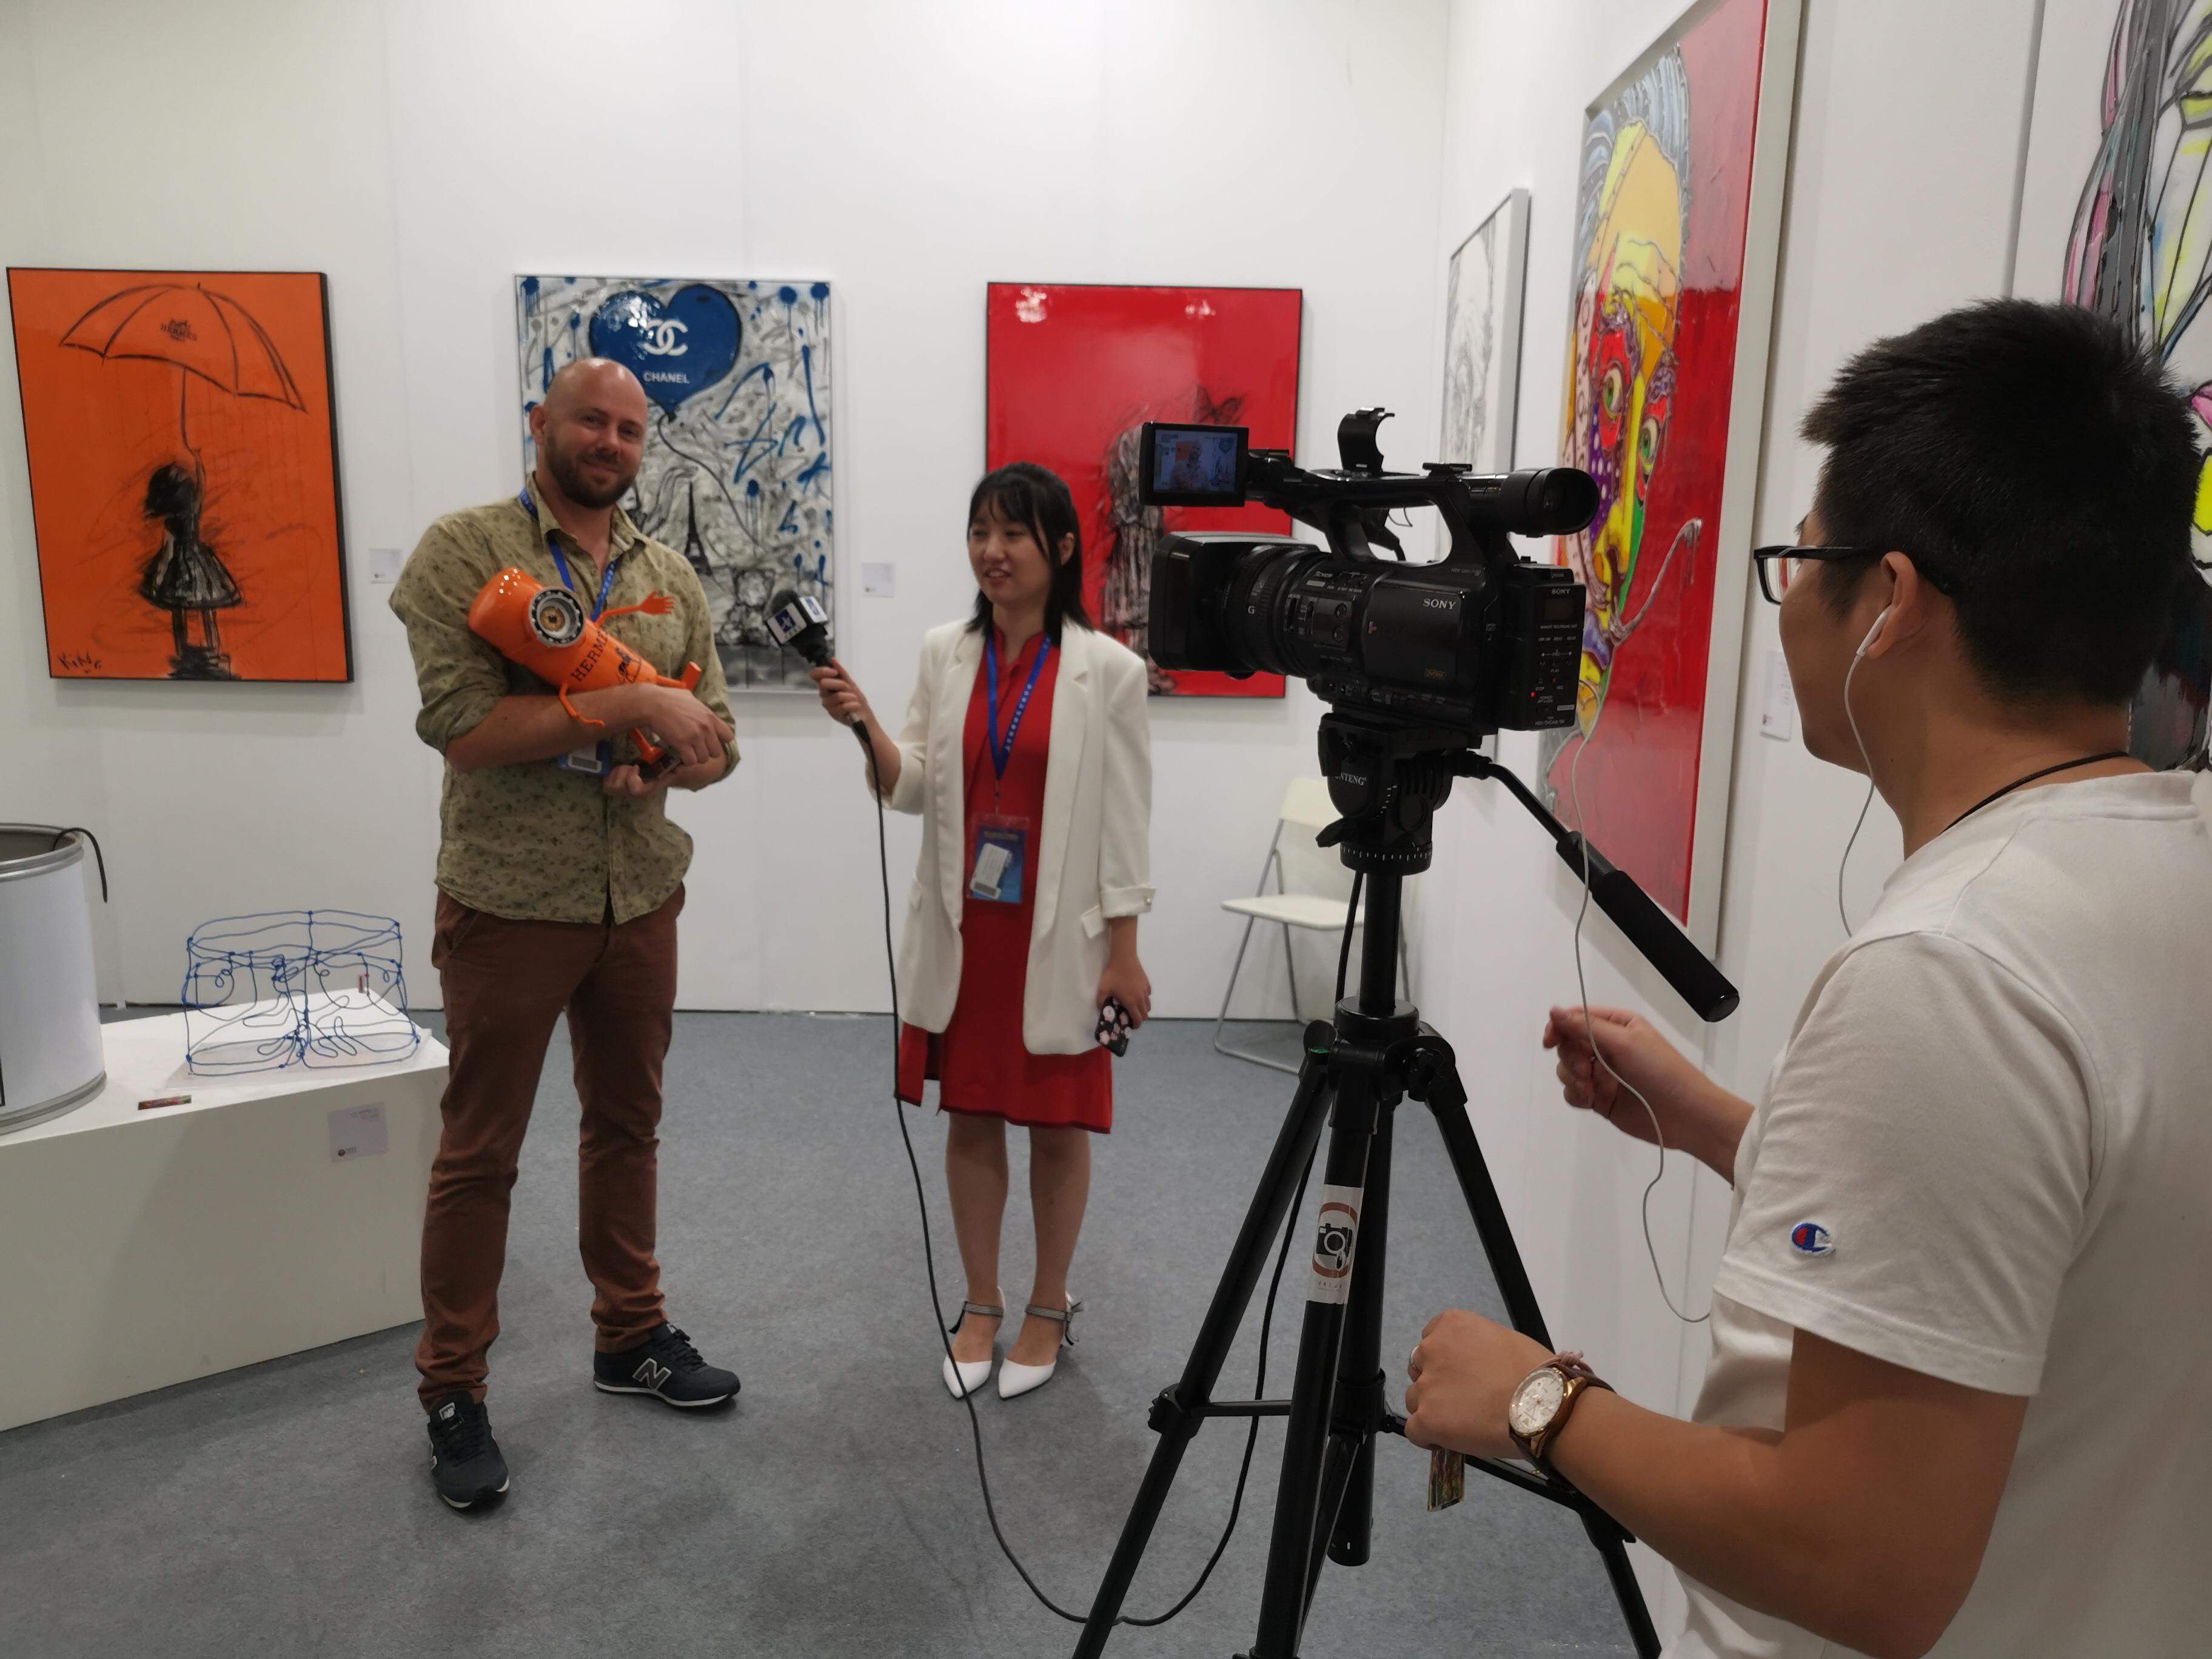 Beijing Artfair 2019